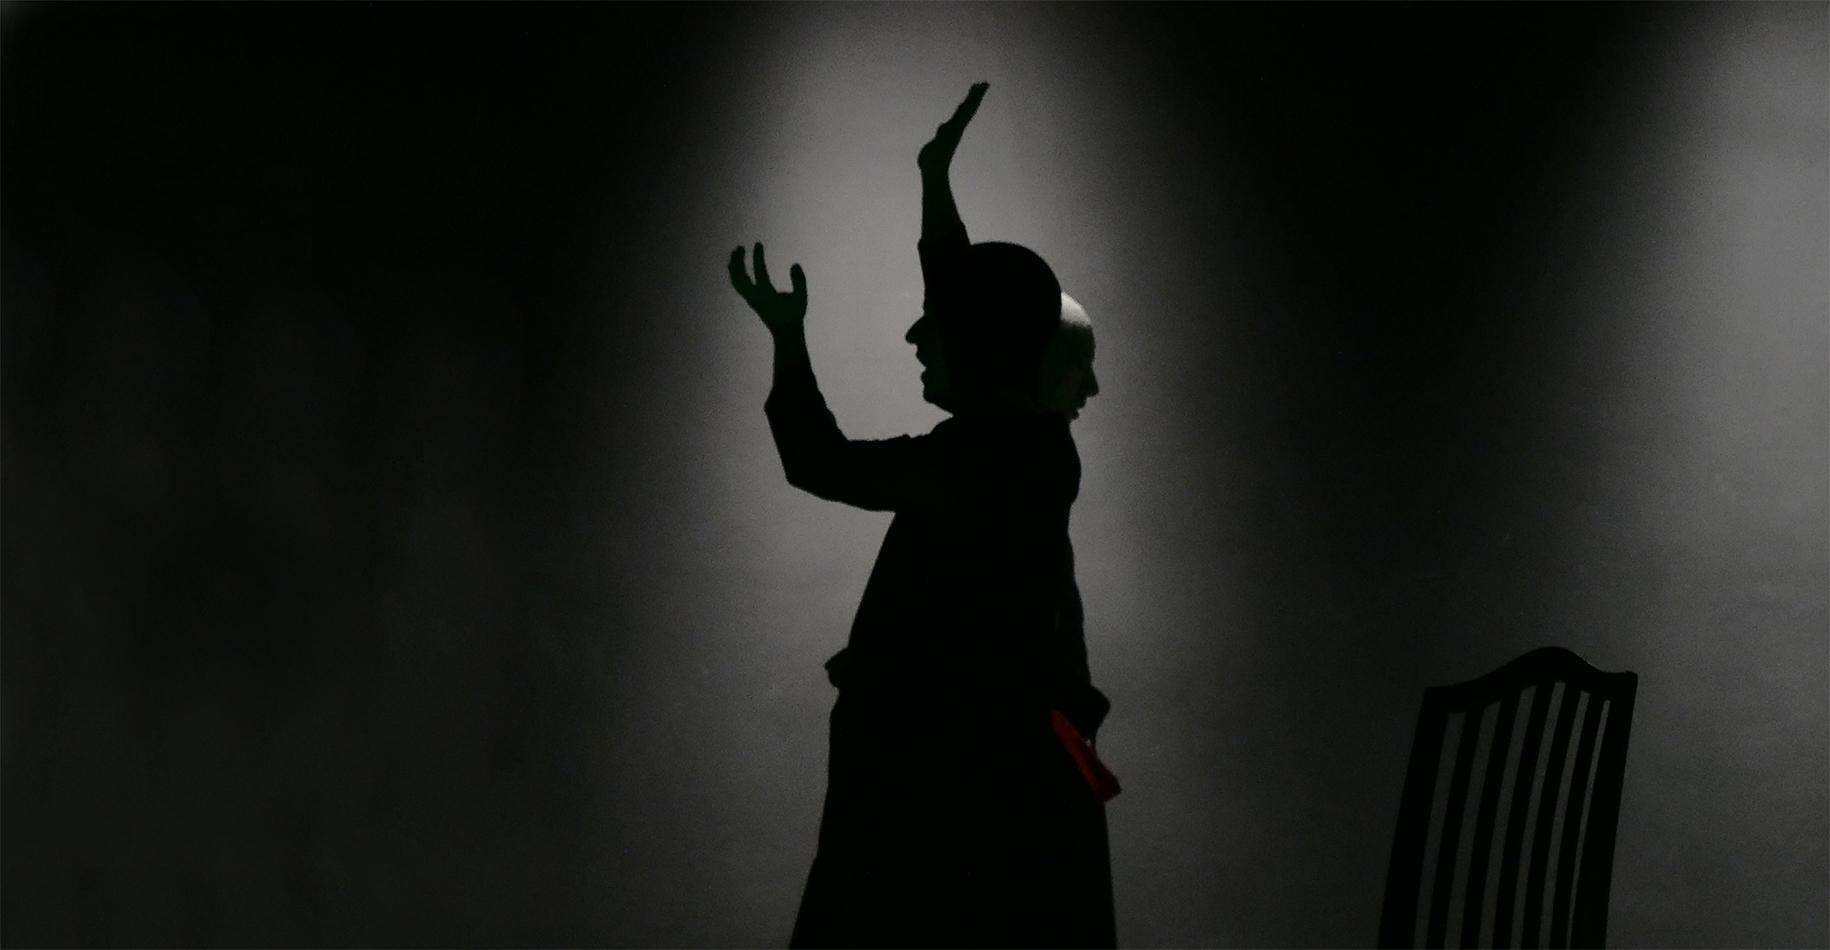 Probenfoto Wandlung21: Zwei Schauspieler im weiß beleuchtetem Bühnenraum. Sie zwigen starke Gebärden im Profil.